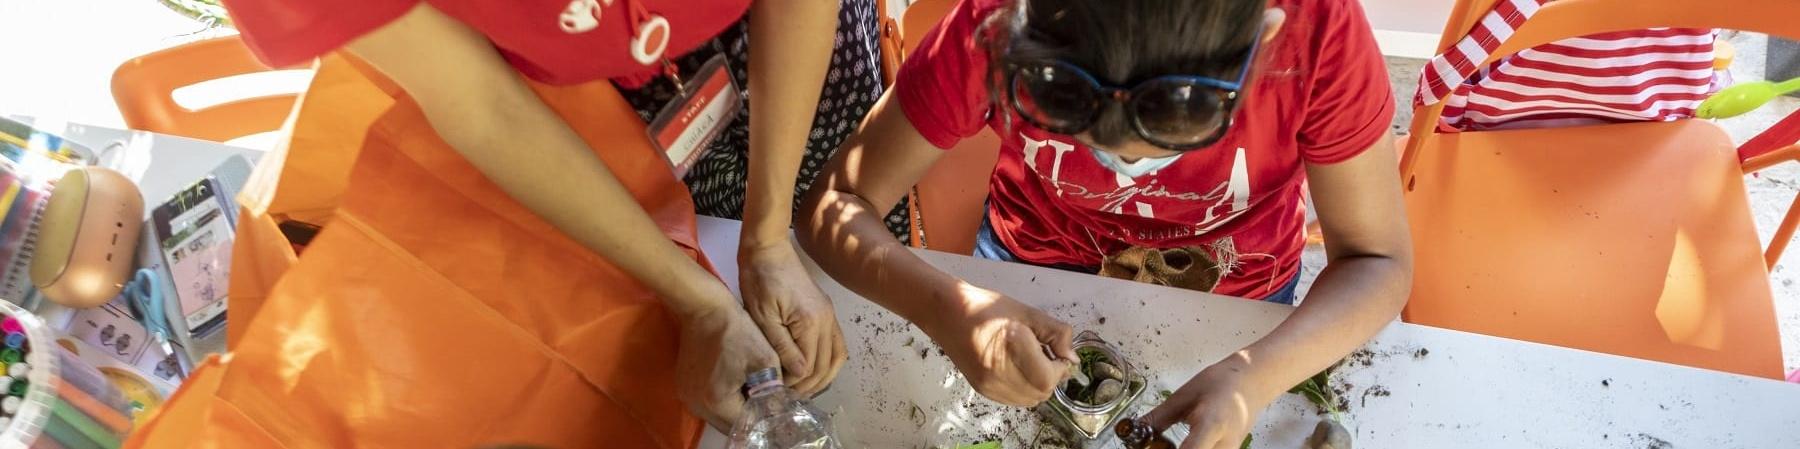 Due bambini giocano con erbe su un tavolo ripresi dall alto